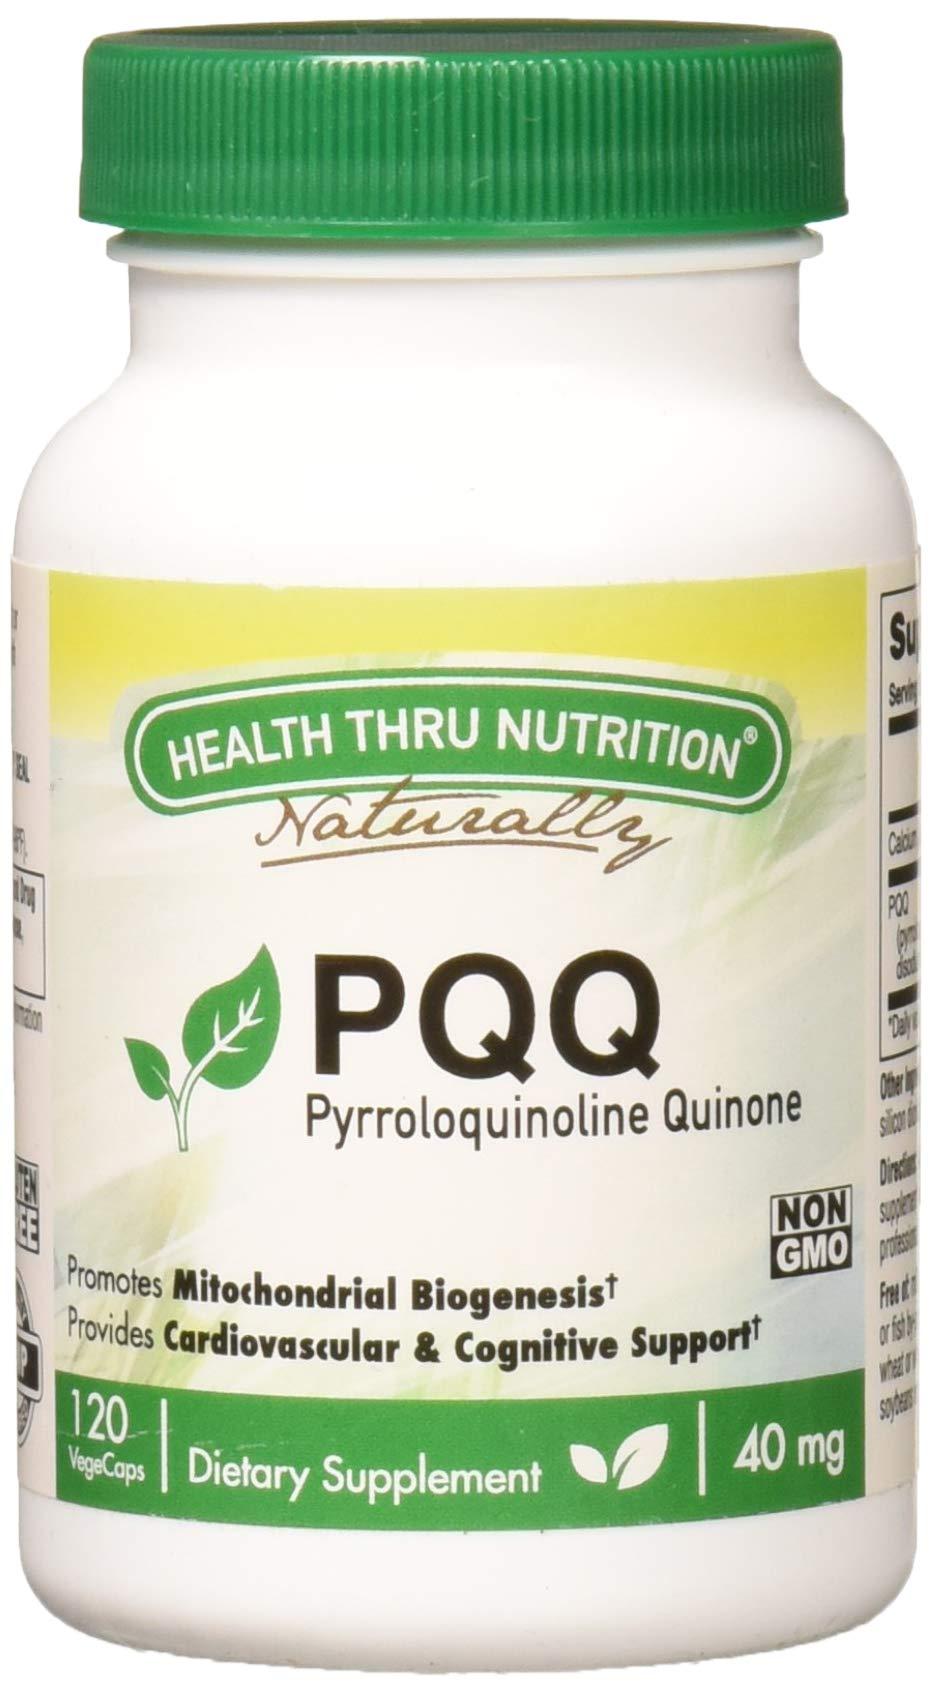 PQQ 40mg Pyrroloquinoline Quinone capsules 120 count